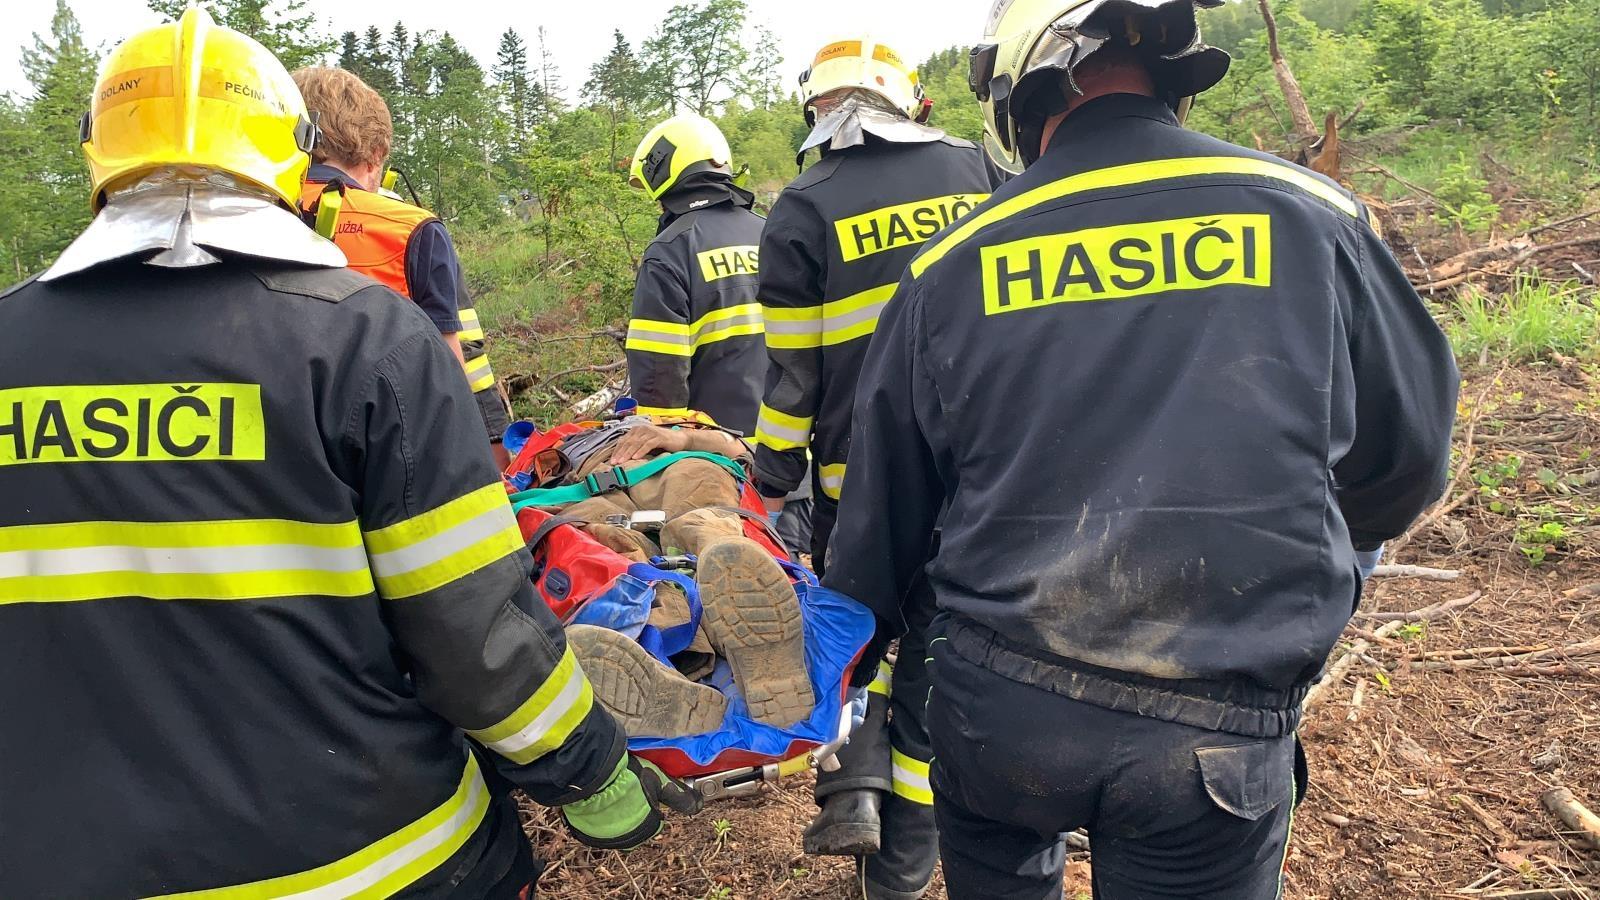 Záchrana zavaleného muže stromem zdroj foto: HZS OLK